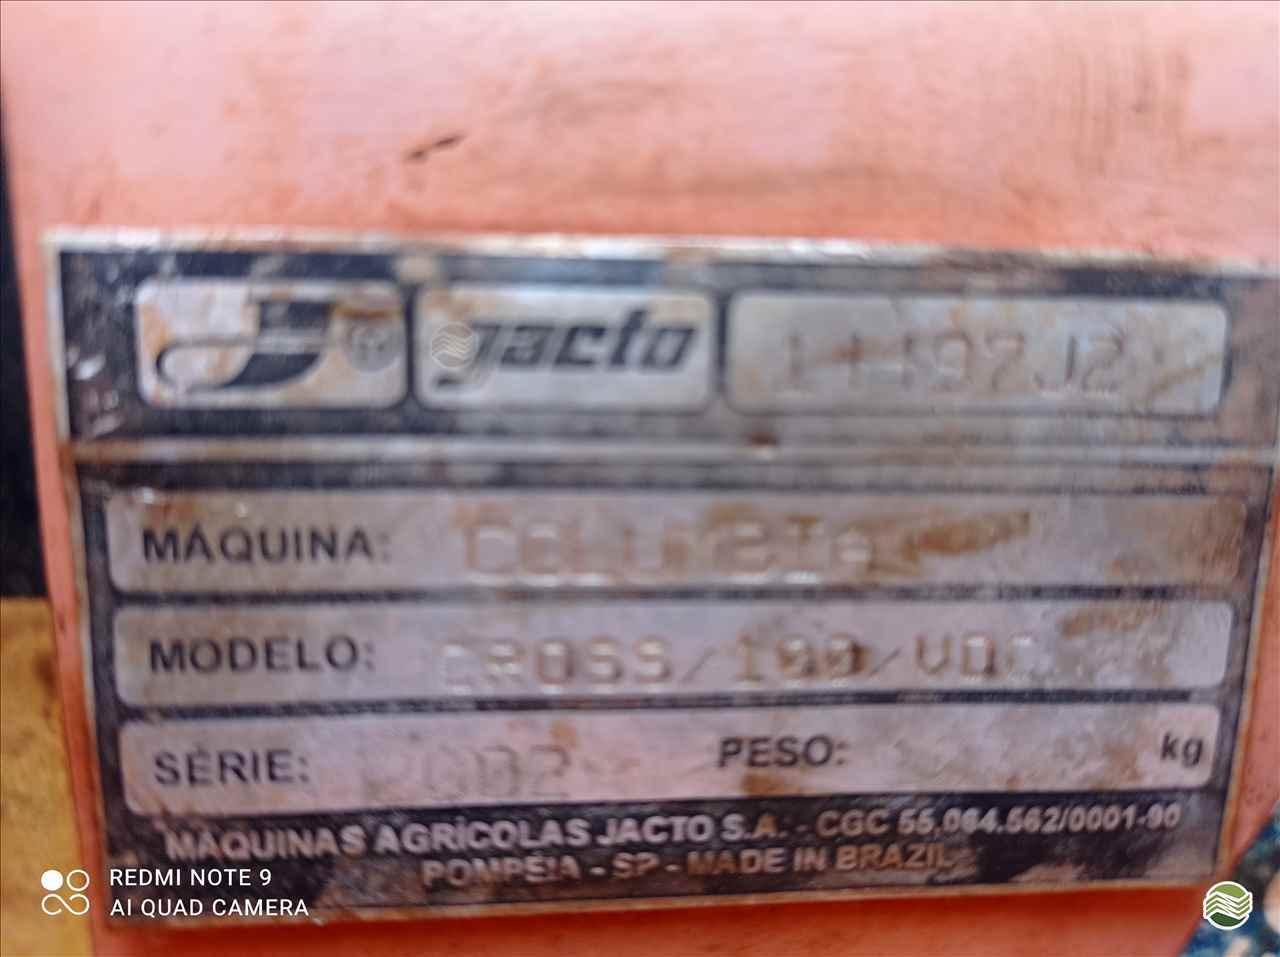 PULVERIZADOR JACTO COLUMBIA CROSS Arrasto Mezenga Máquinas DOURADOS MATO GROSSO DO SUL MS